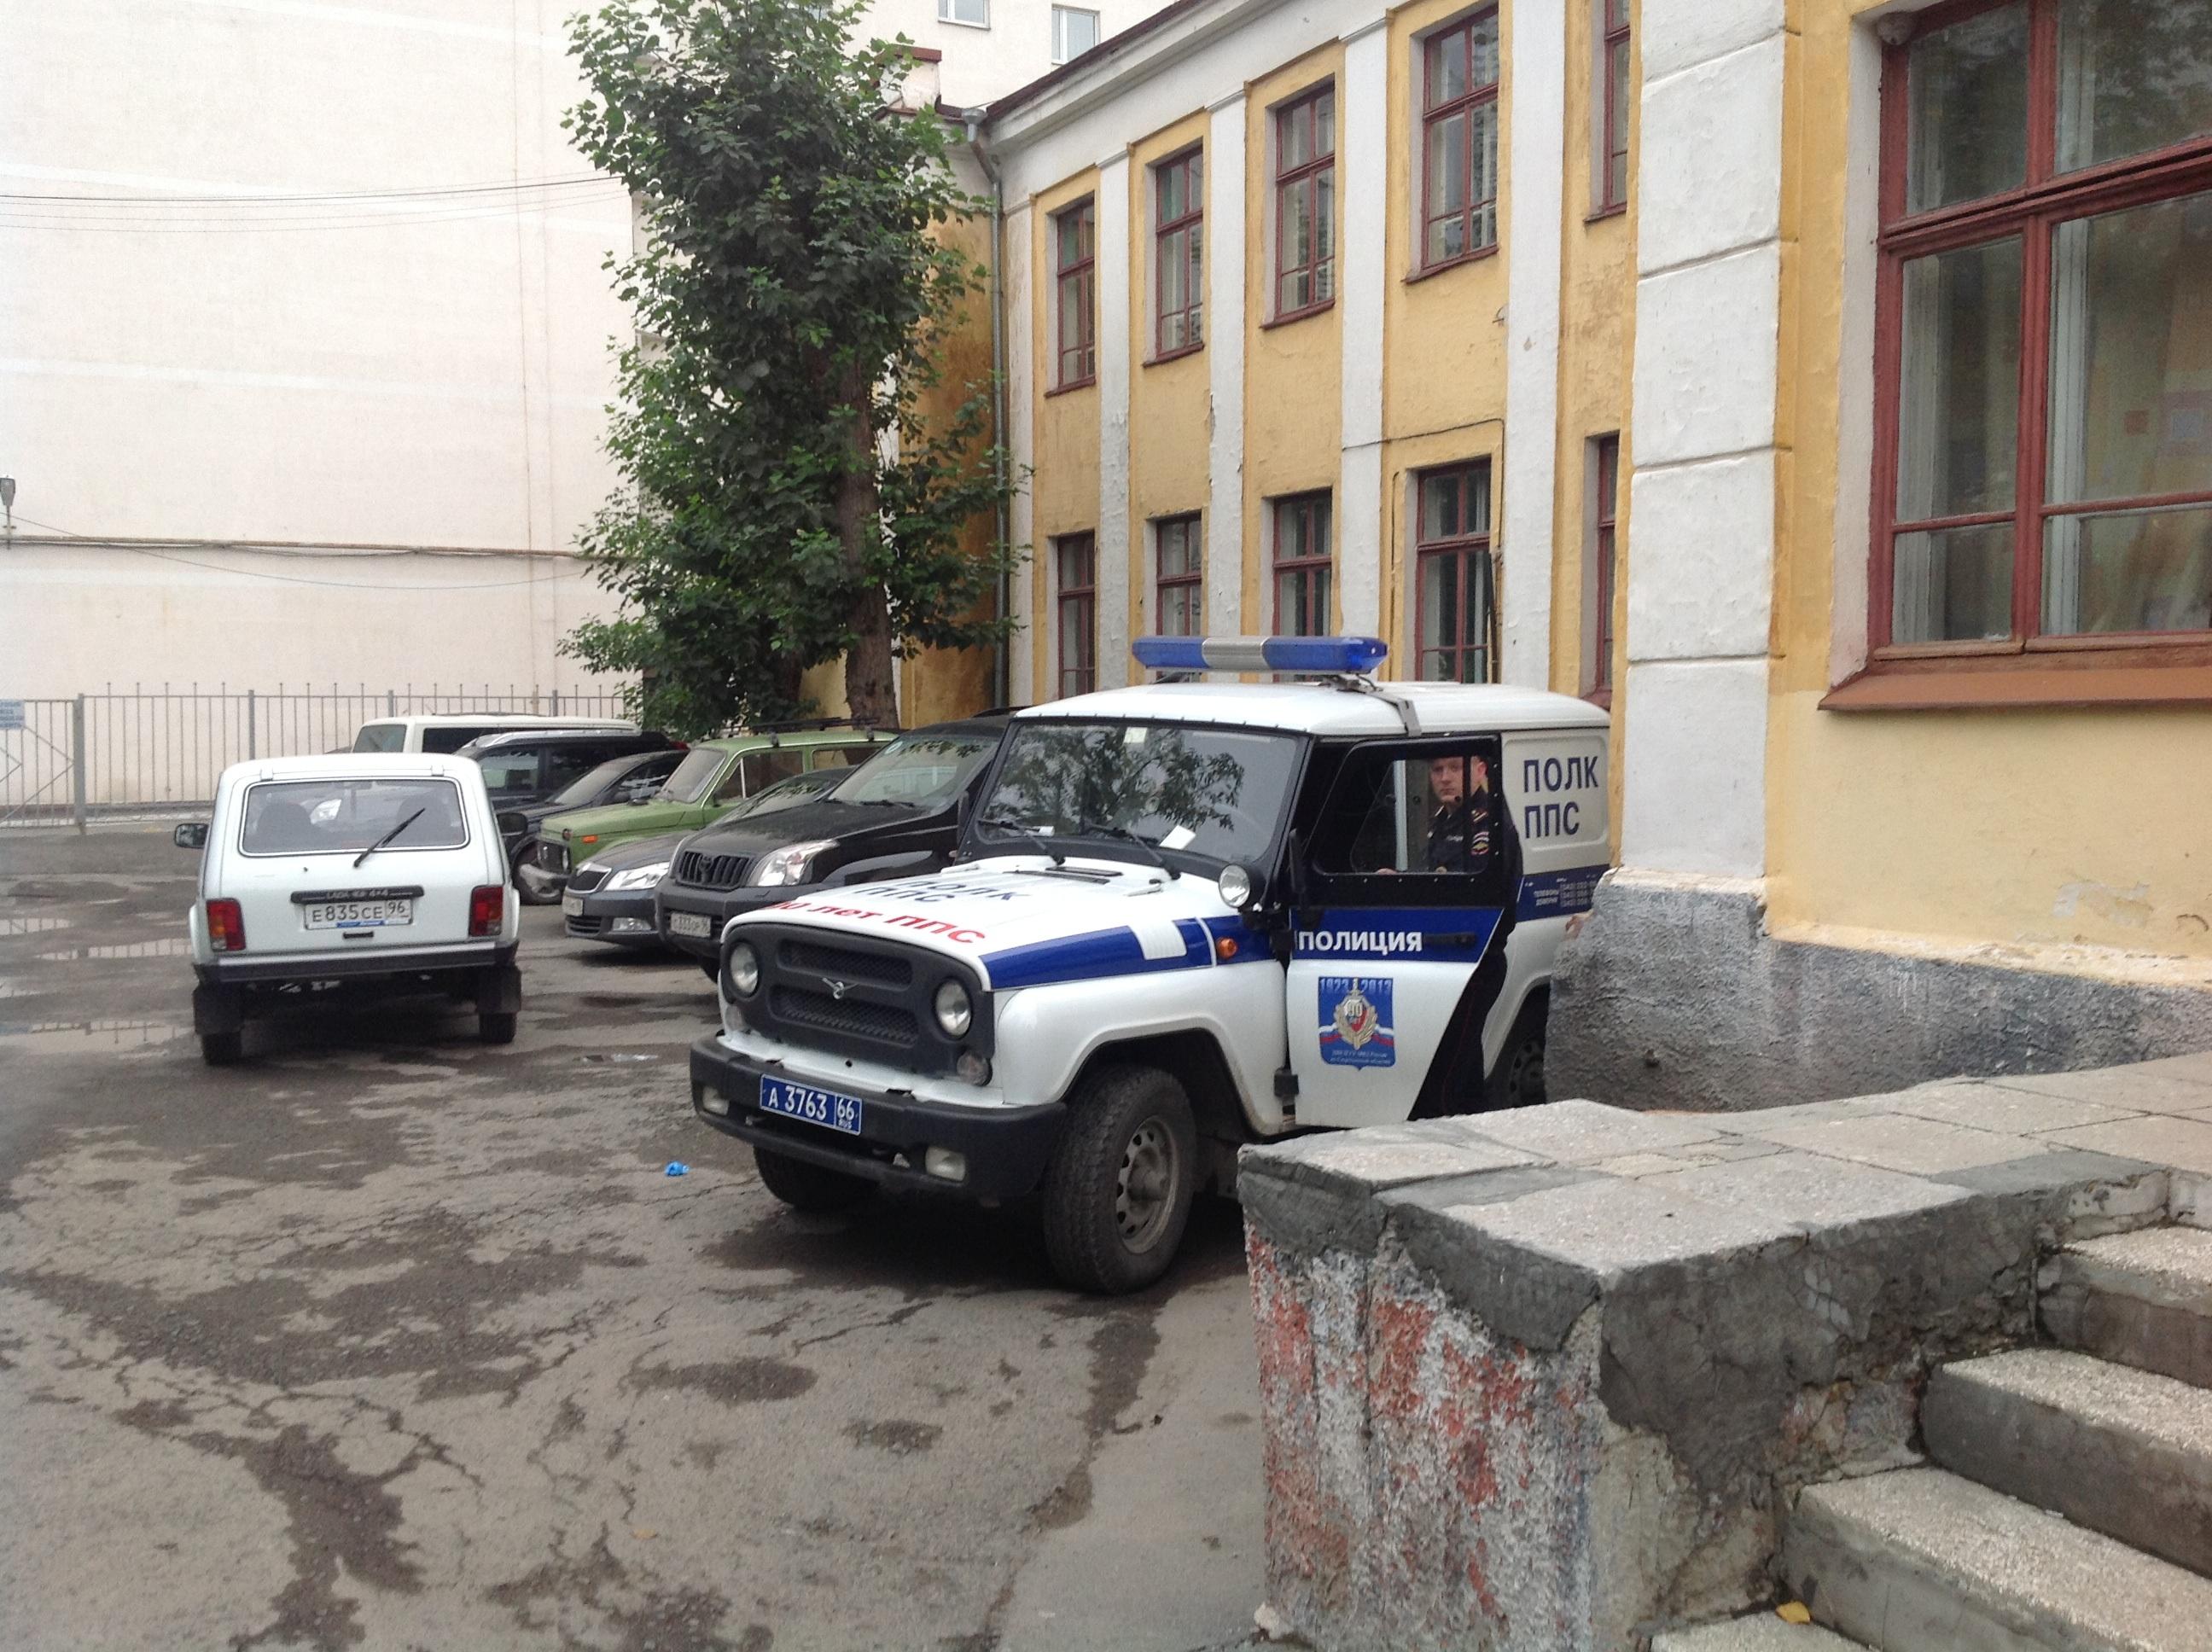 На избирательном участке в Екатеринбурге скончалась женщина